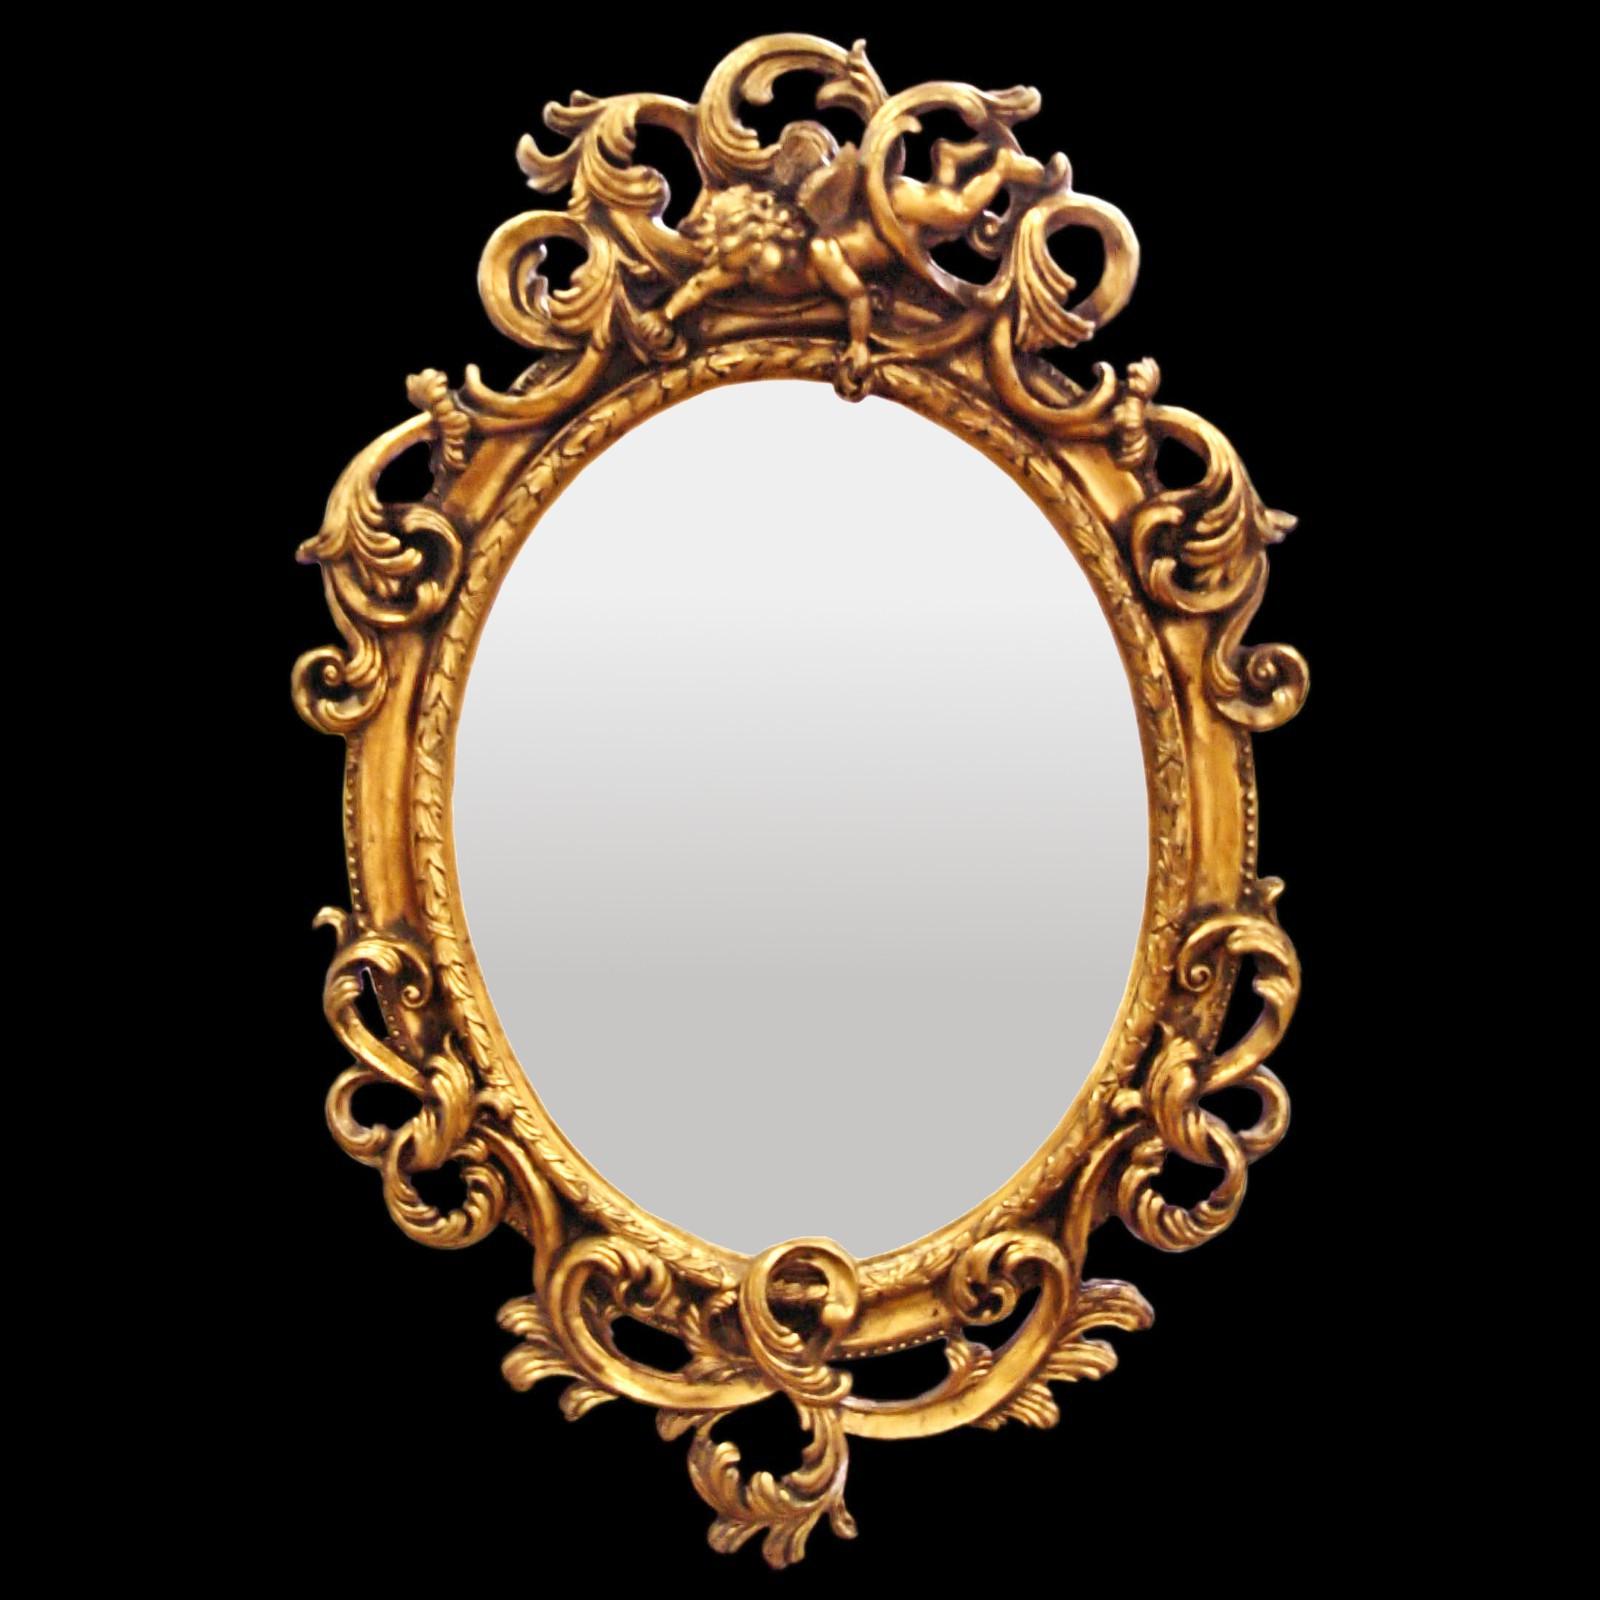 Fresh Bathroom mirror oval wall mirror Baroque de Luxe gold acanthus  DQ99